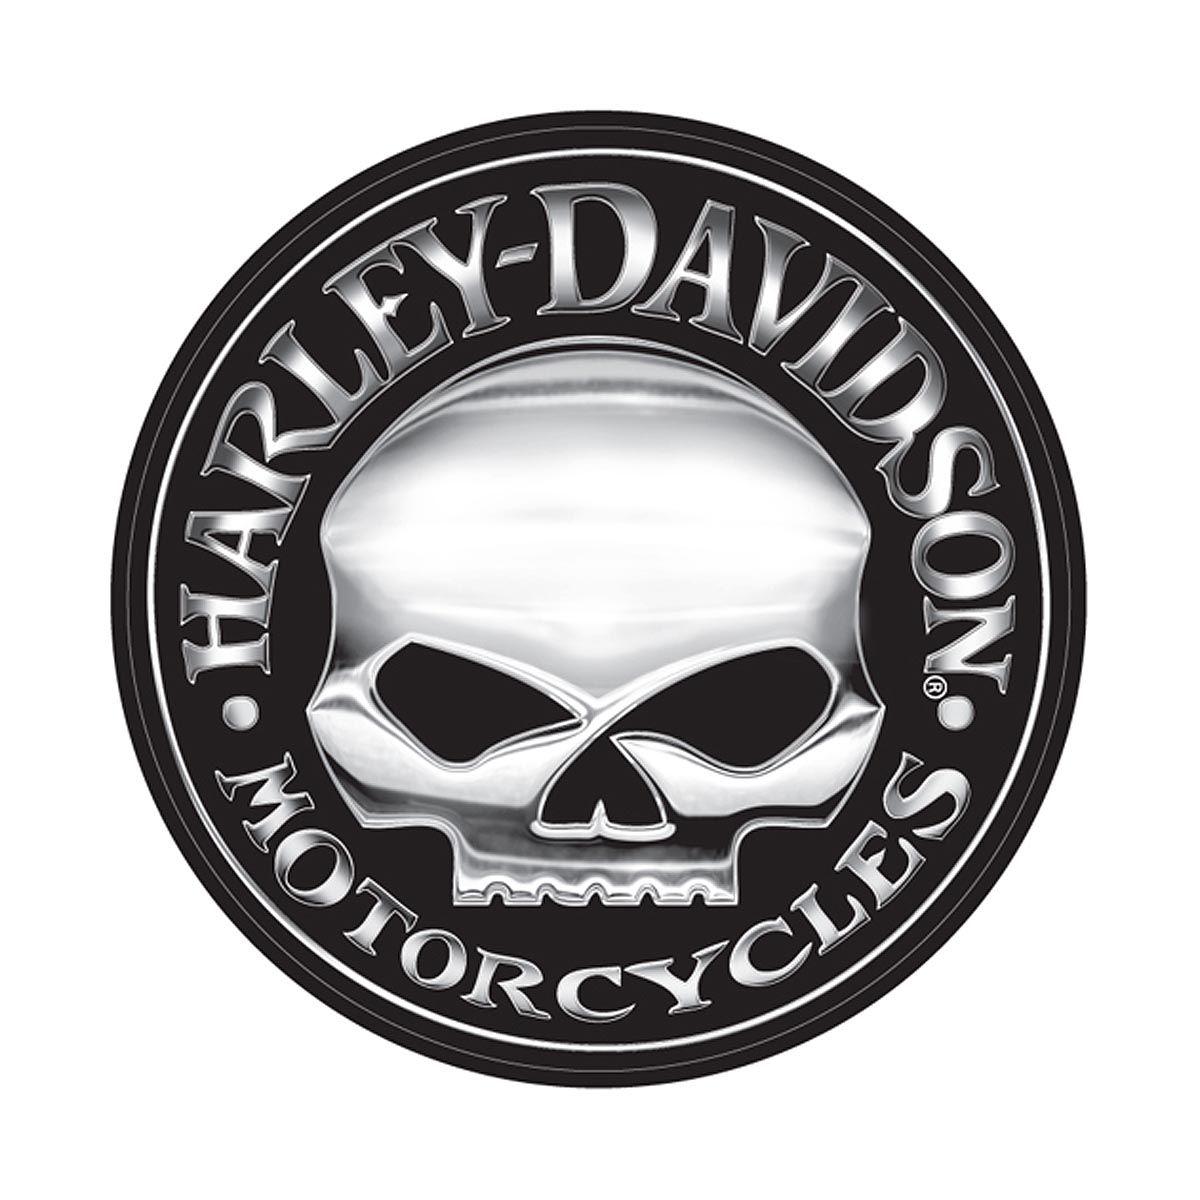 willie g for harley davidson skull logo pinteres. Black Bedroom Furniture Sets. Home Design Ideas